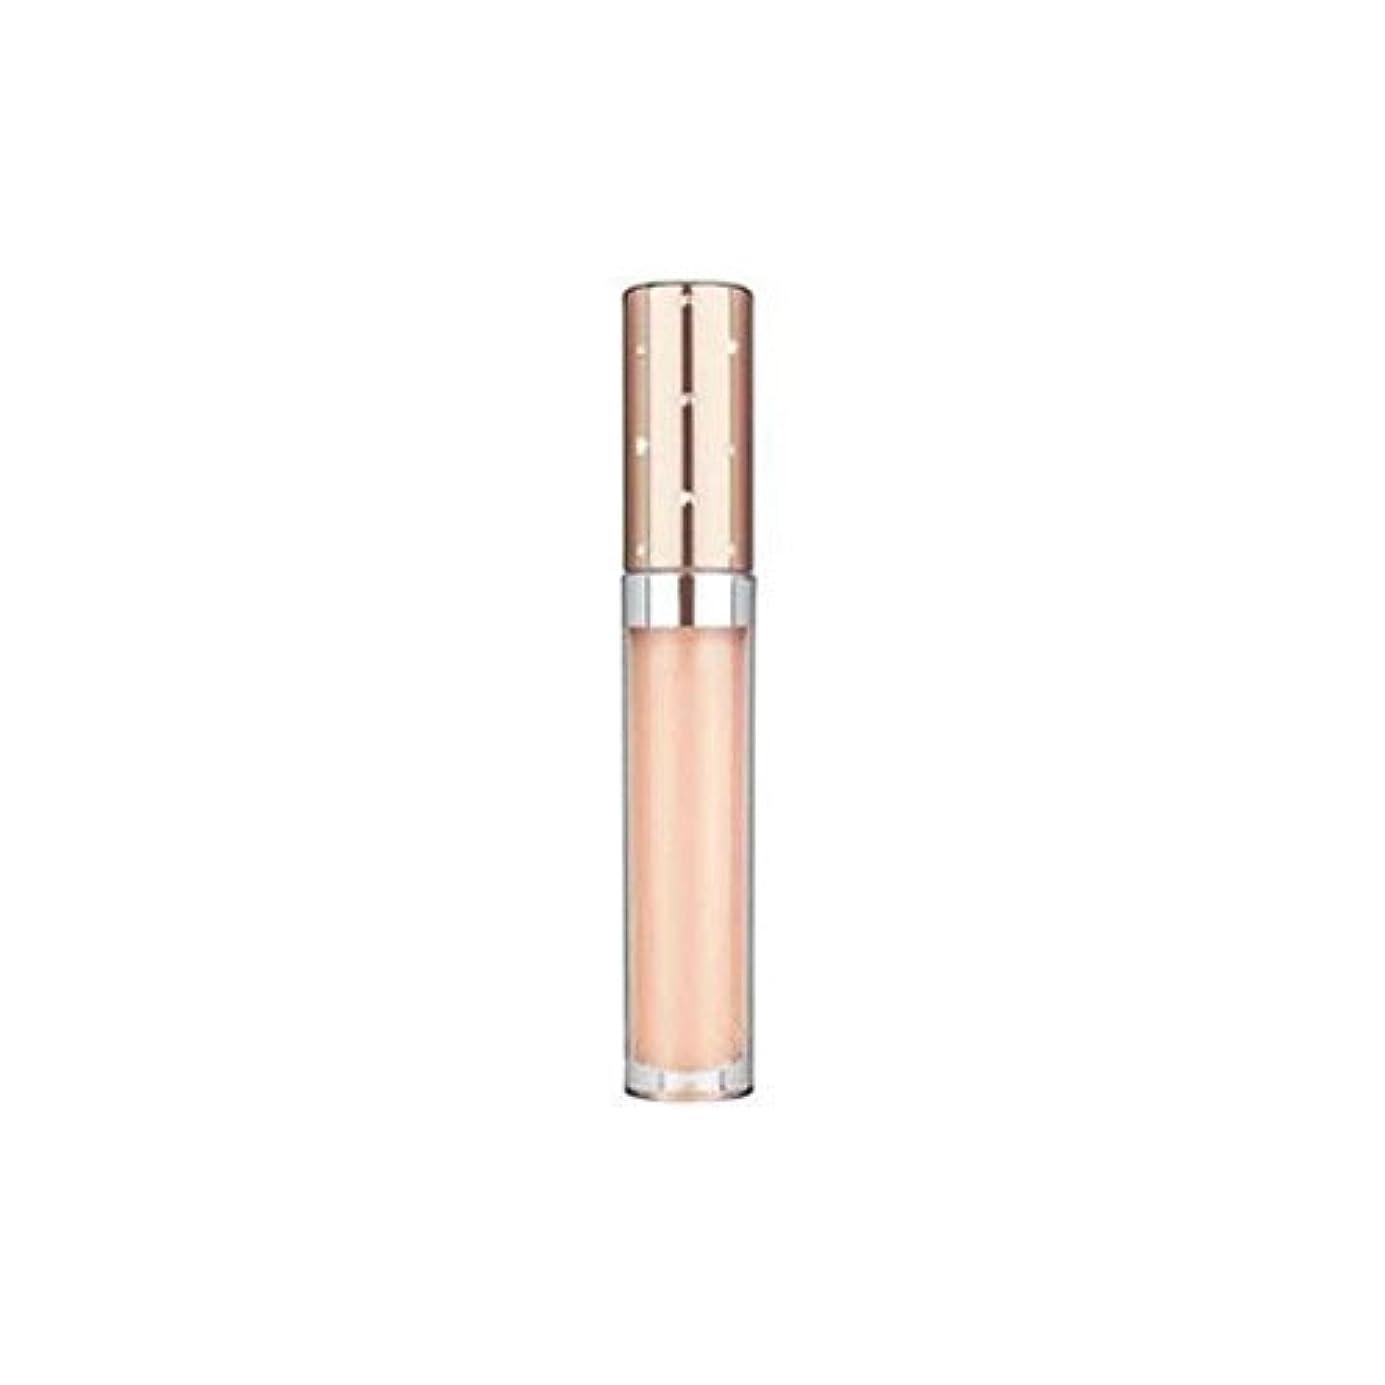 かご非難せせらぎインスタントリップパーフェクション15(5ミリリットル) x4 - Nubo Instant Lip Perfection Spf15 (5ml) (Pack of 4) [並行輸入品]